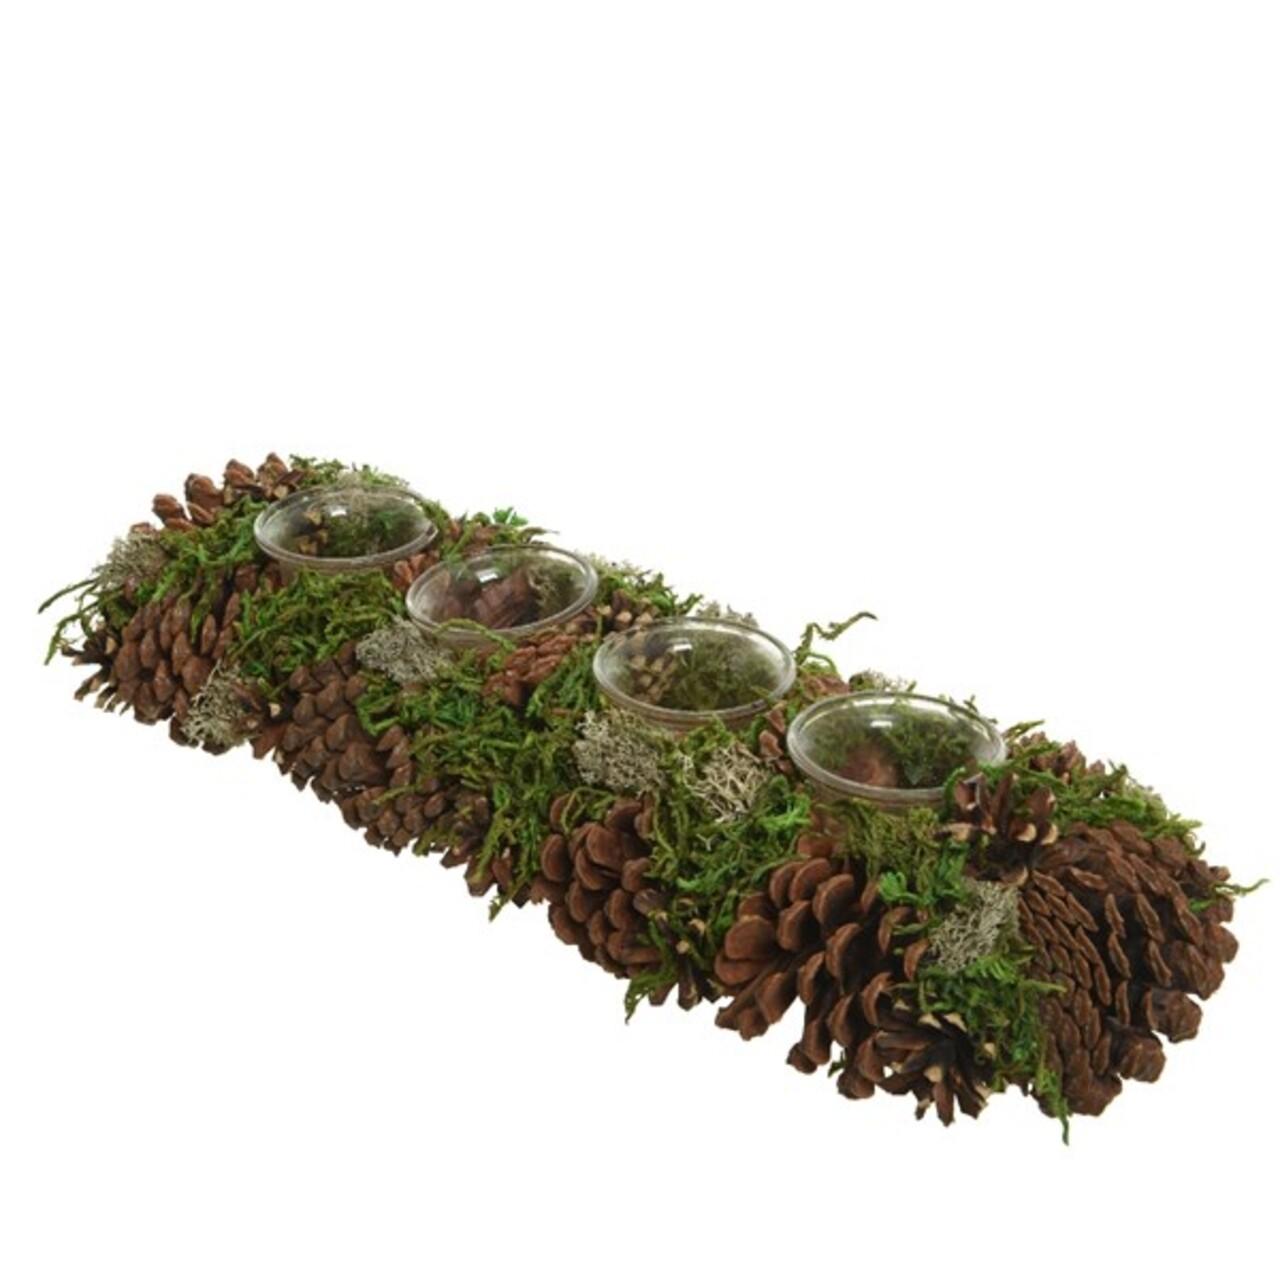 Decoratiune cu 4 suporturi pentru lumanari Pinecone w moss, Decoris, 15x45x9 cm,verde/maro